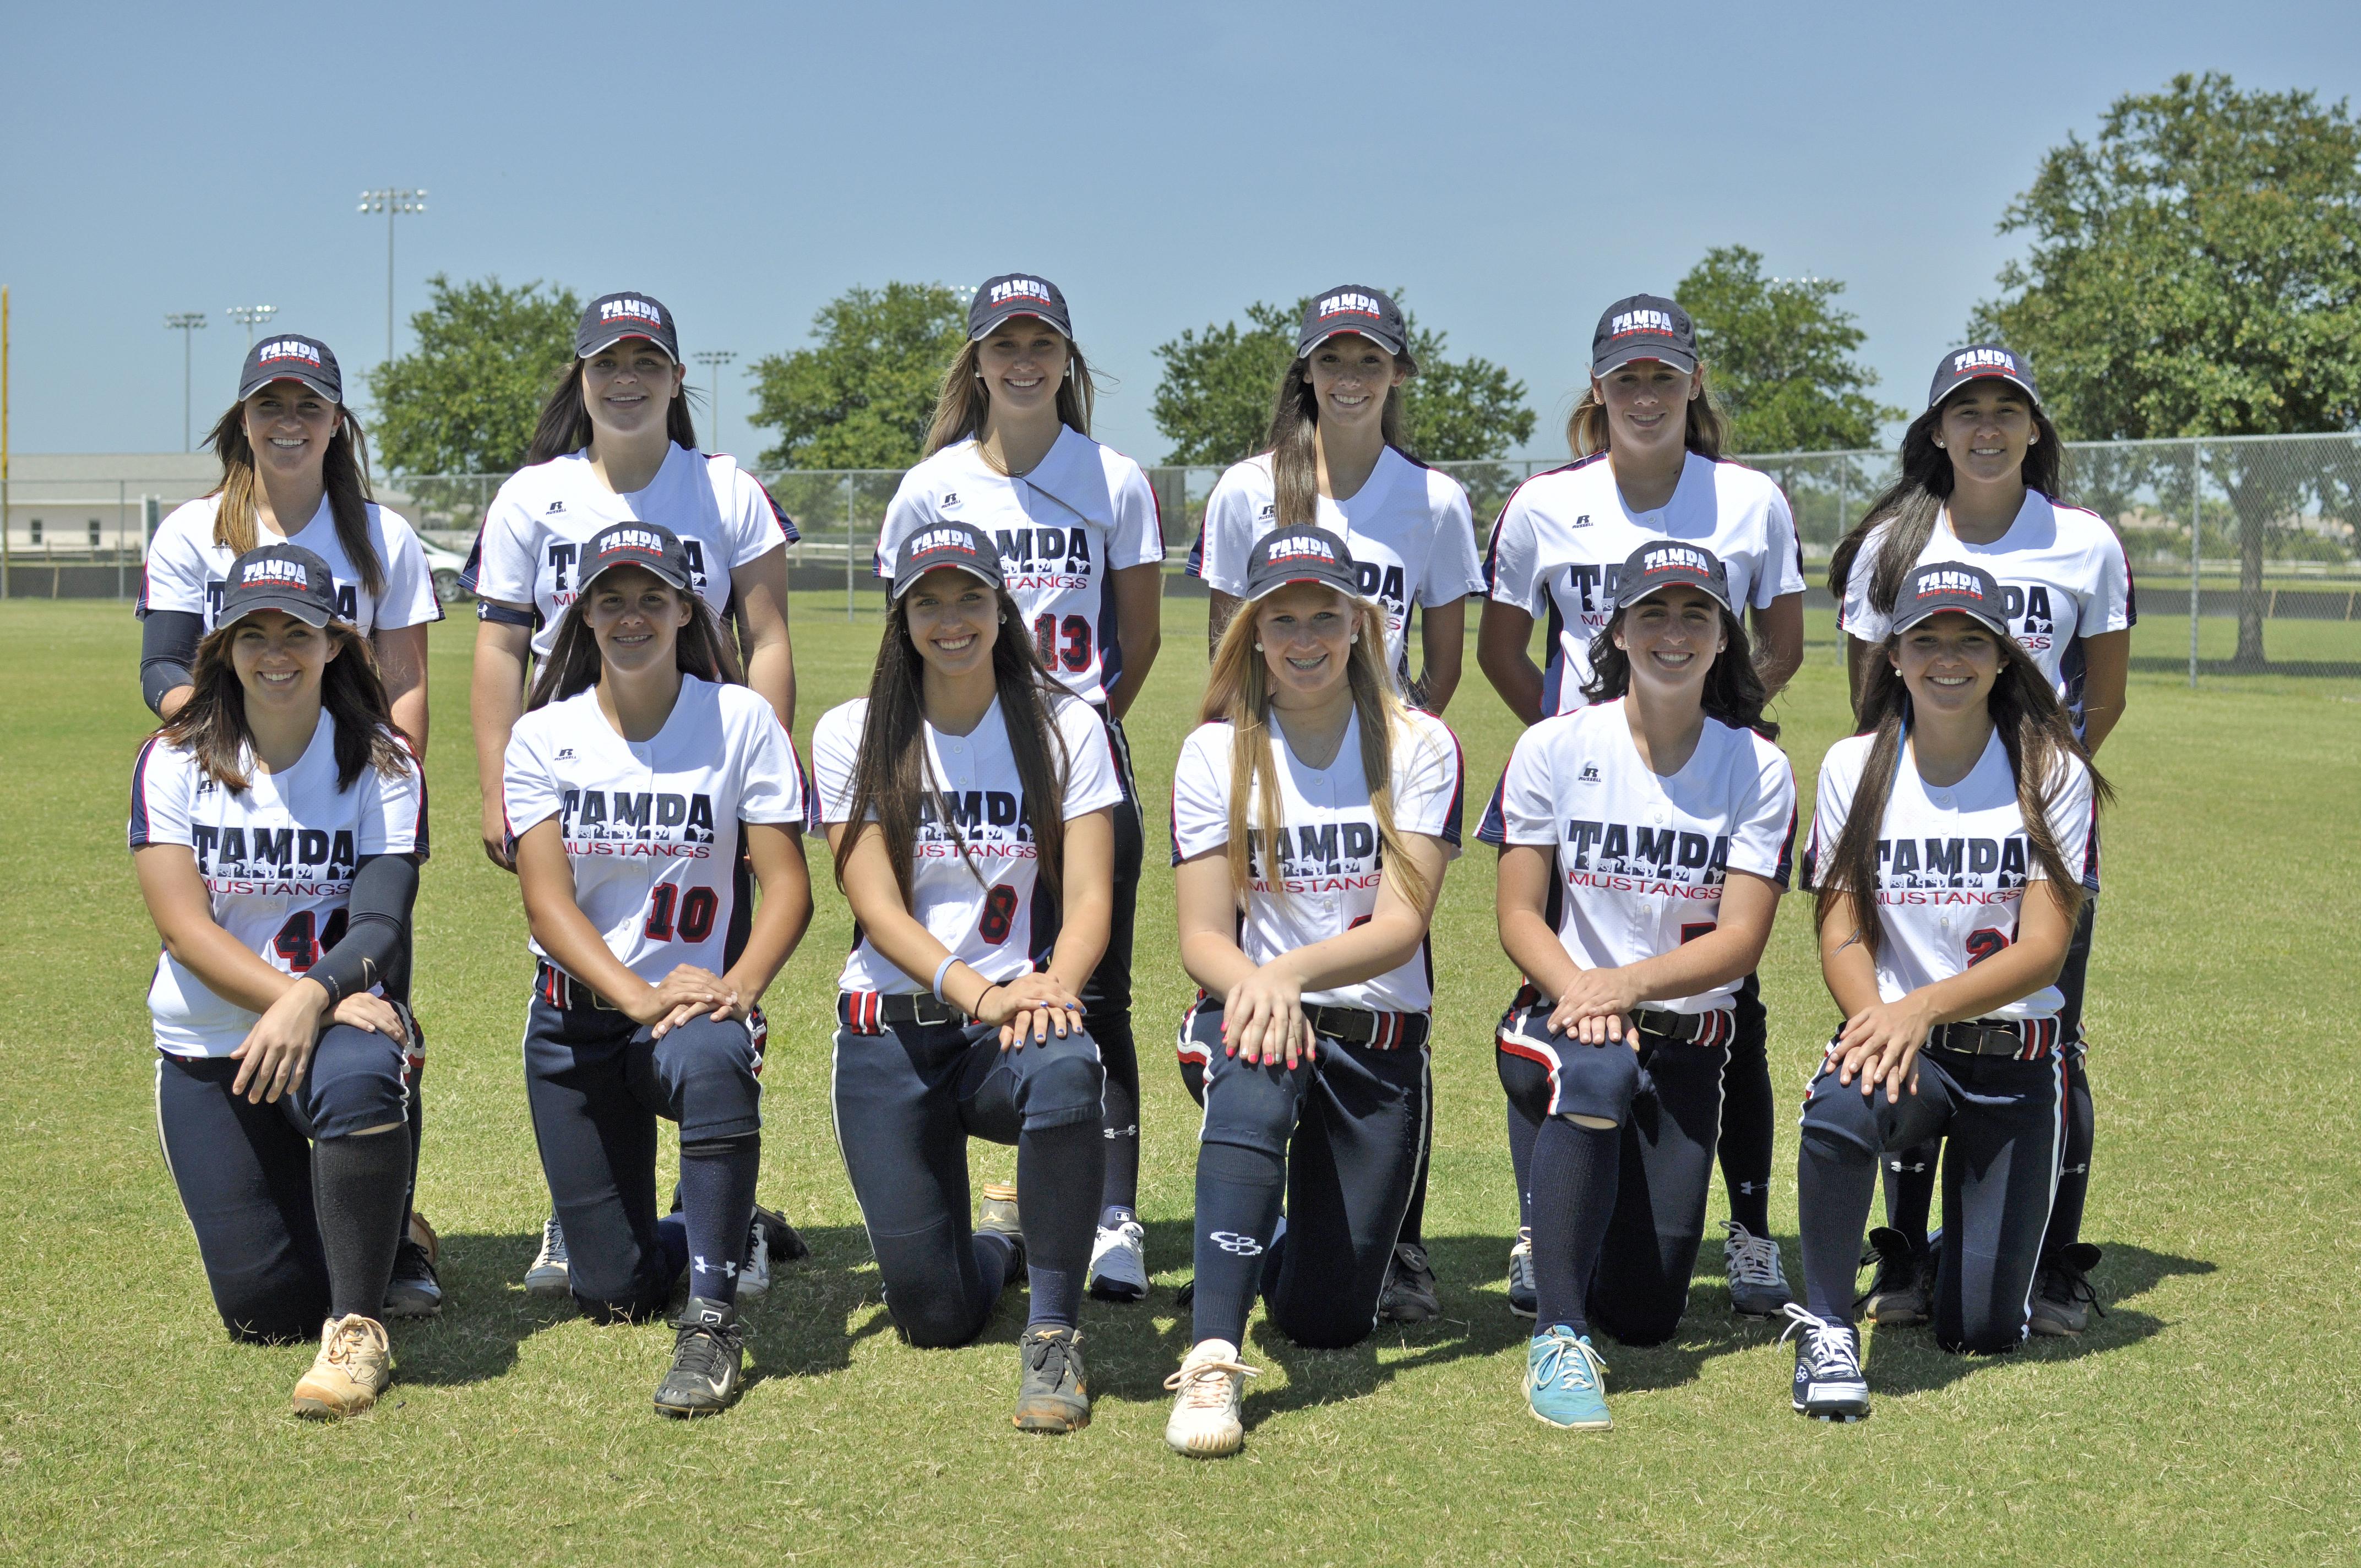 Tampa Mustangs TJ Team pic.jpg